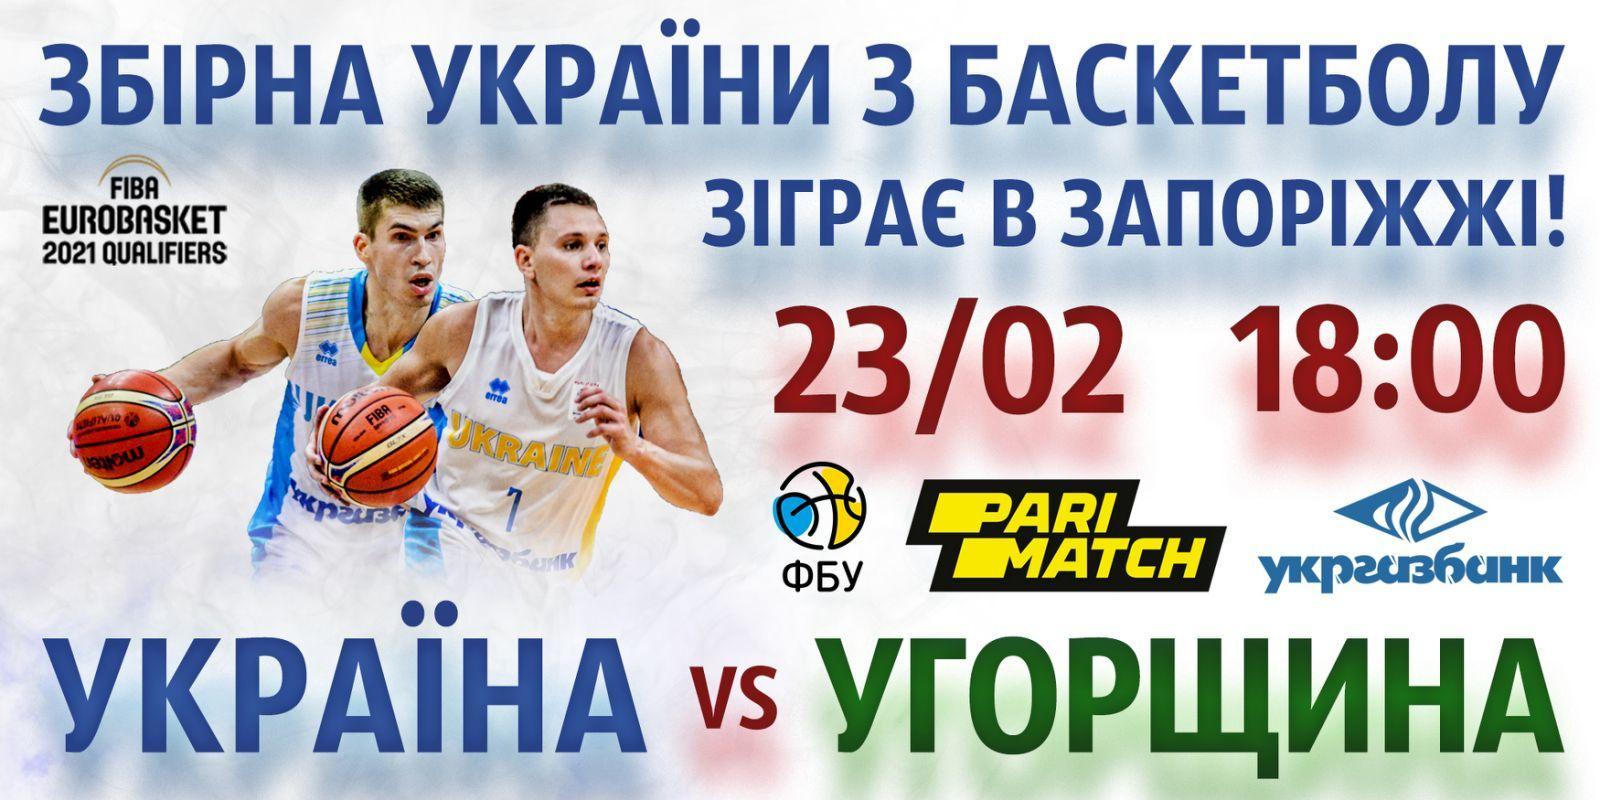 Збірна України розпочне відбір на ЄвроБаскет-2021 матчем у Запоріжжі. Квитки вже у продажу!